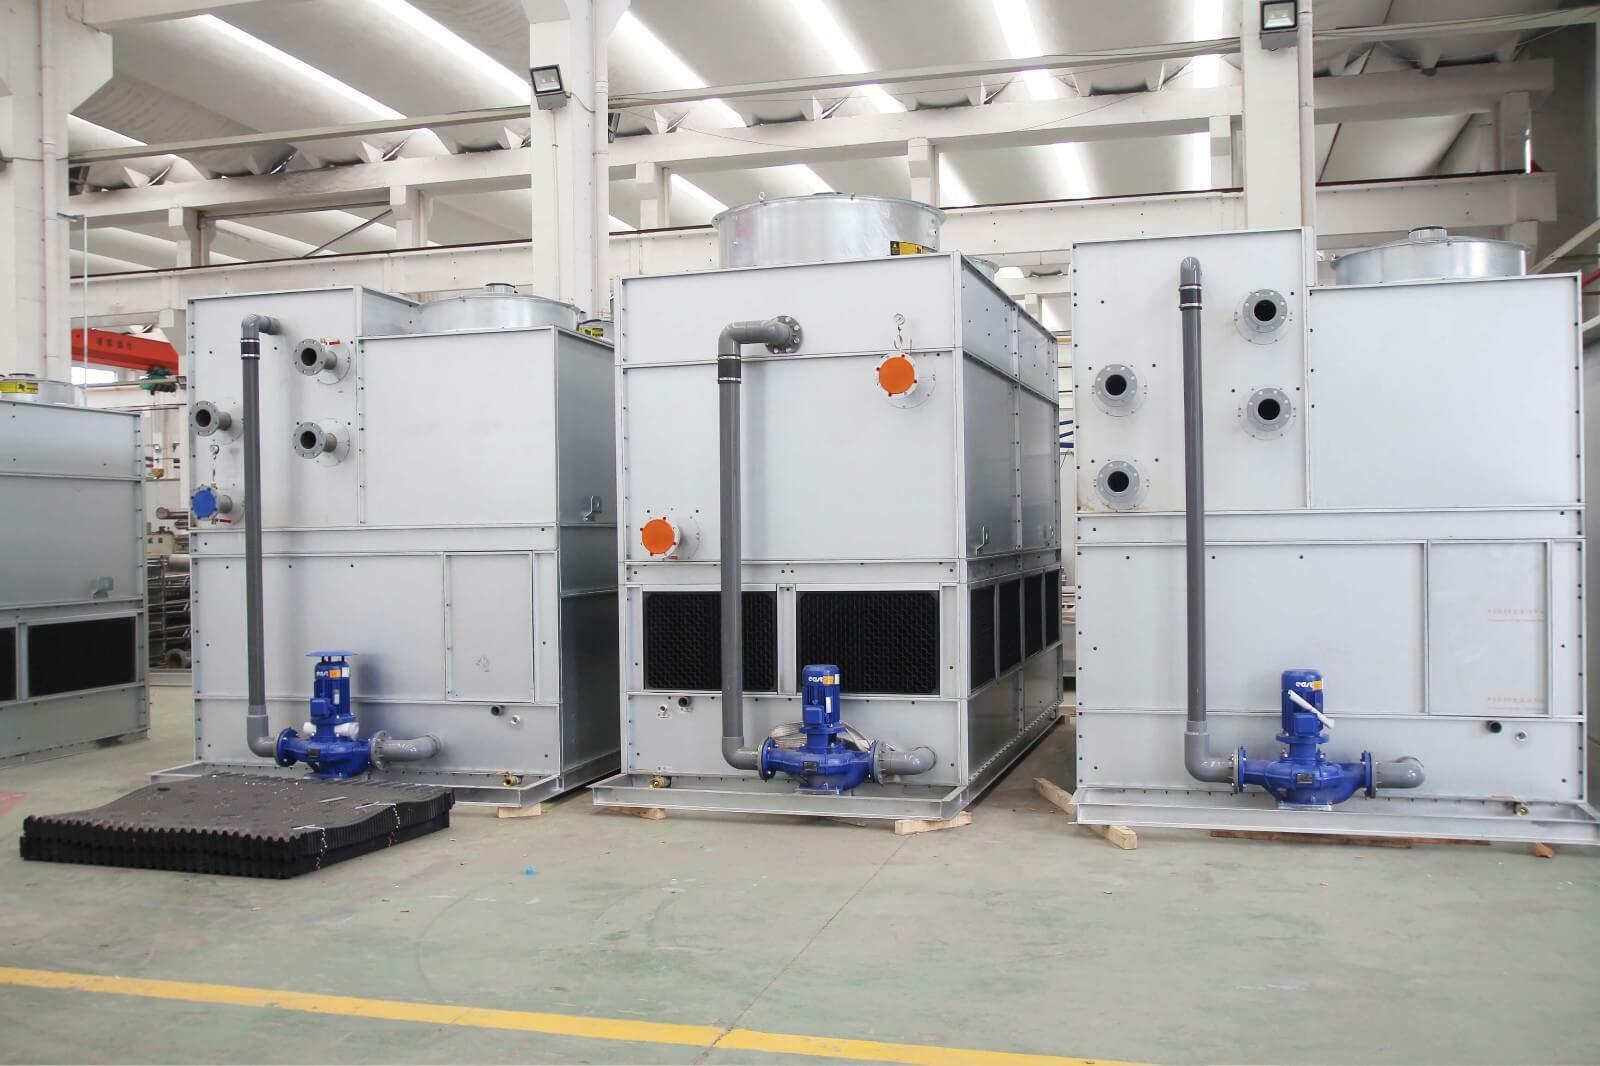 闭式冷却塔有哪些值得注意的验收规范?